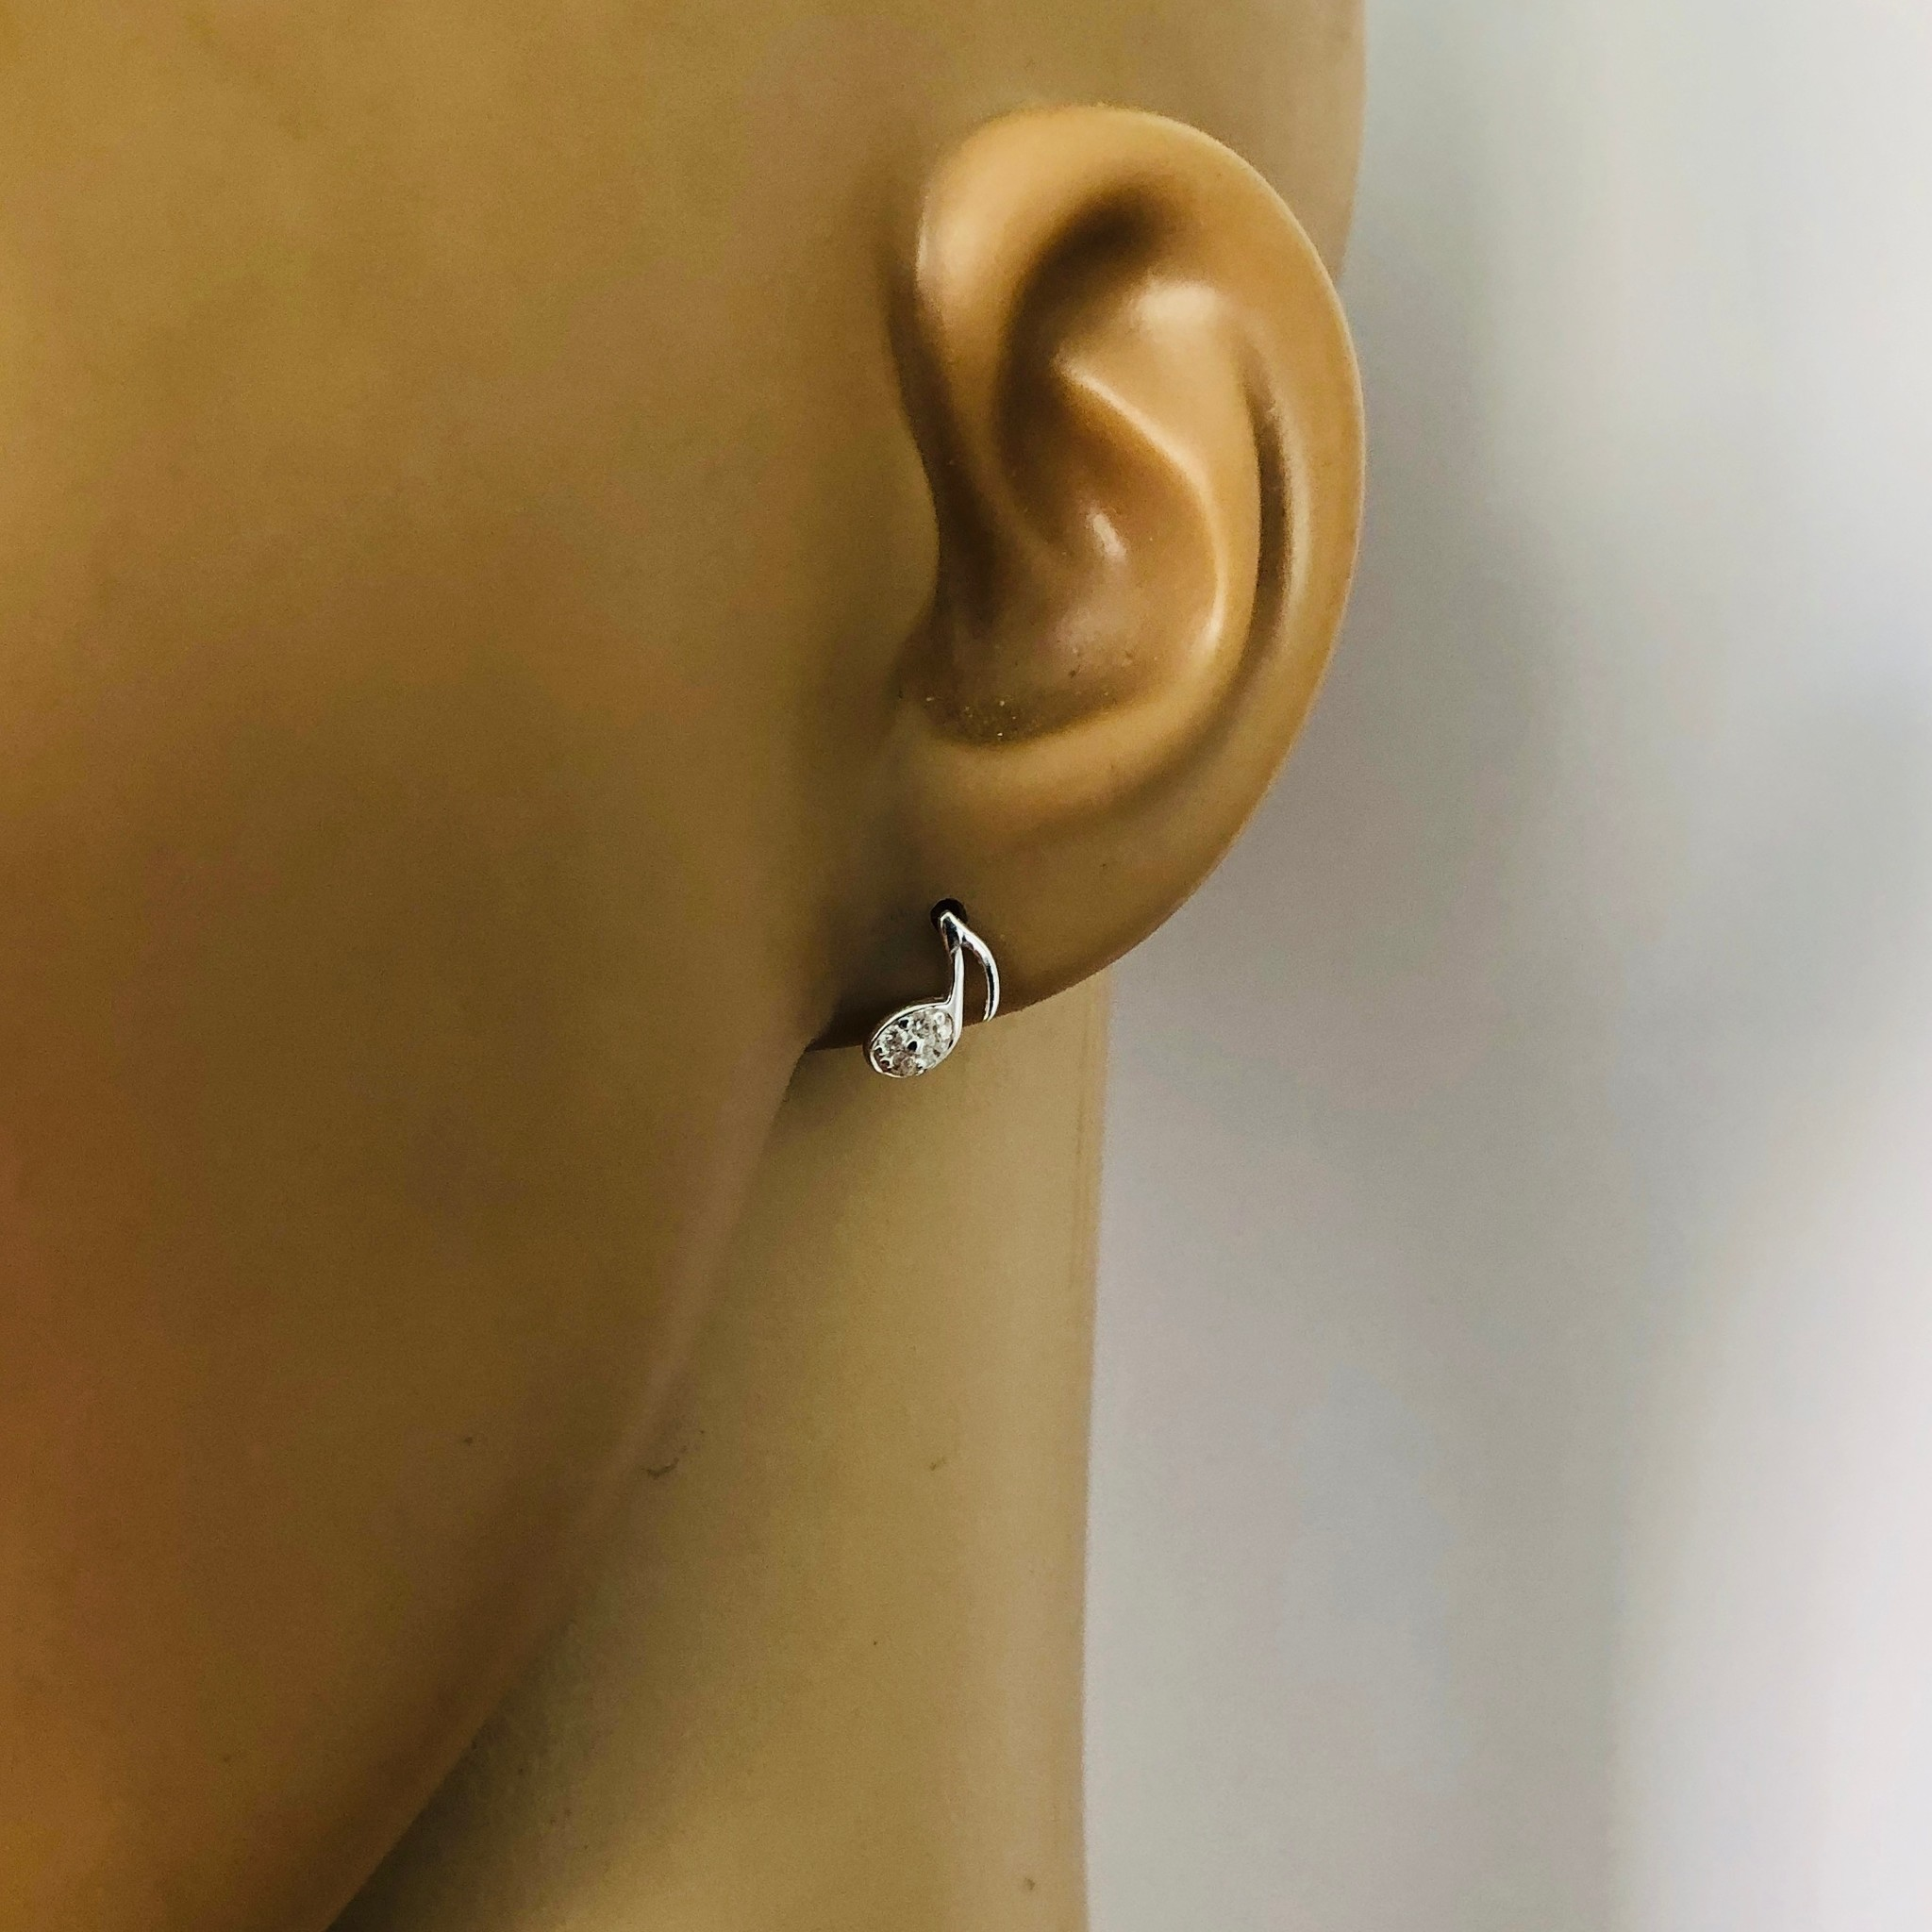 Zilveren en verguld paar mini muzieknoot oorstekers met witte zirkoon-2